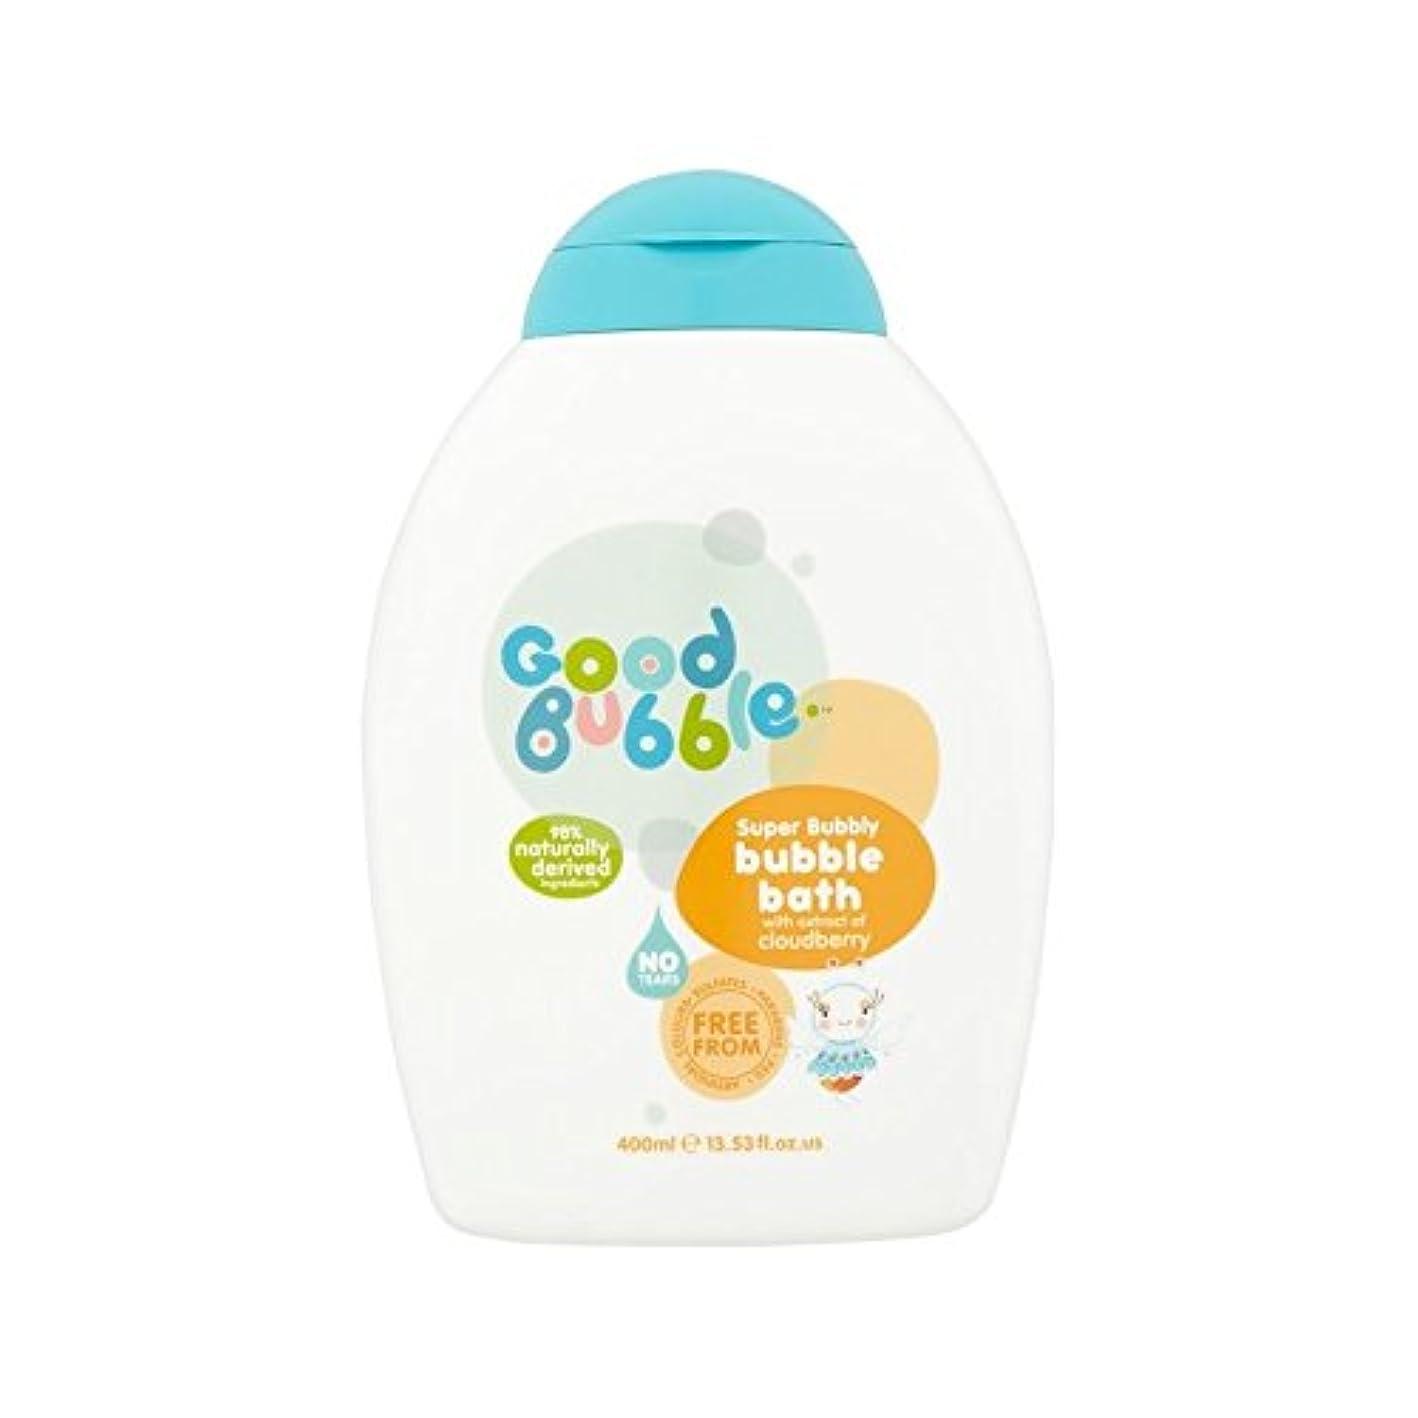 素晴らしき機械的に道徳教育クラウドベリーエキスの400ミリリットルと泡風呂 (Good Bubble) - Good Bubble Bubble Bath with Cloudberry Extract 400ml [並行輸入品]